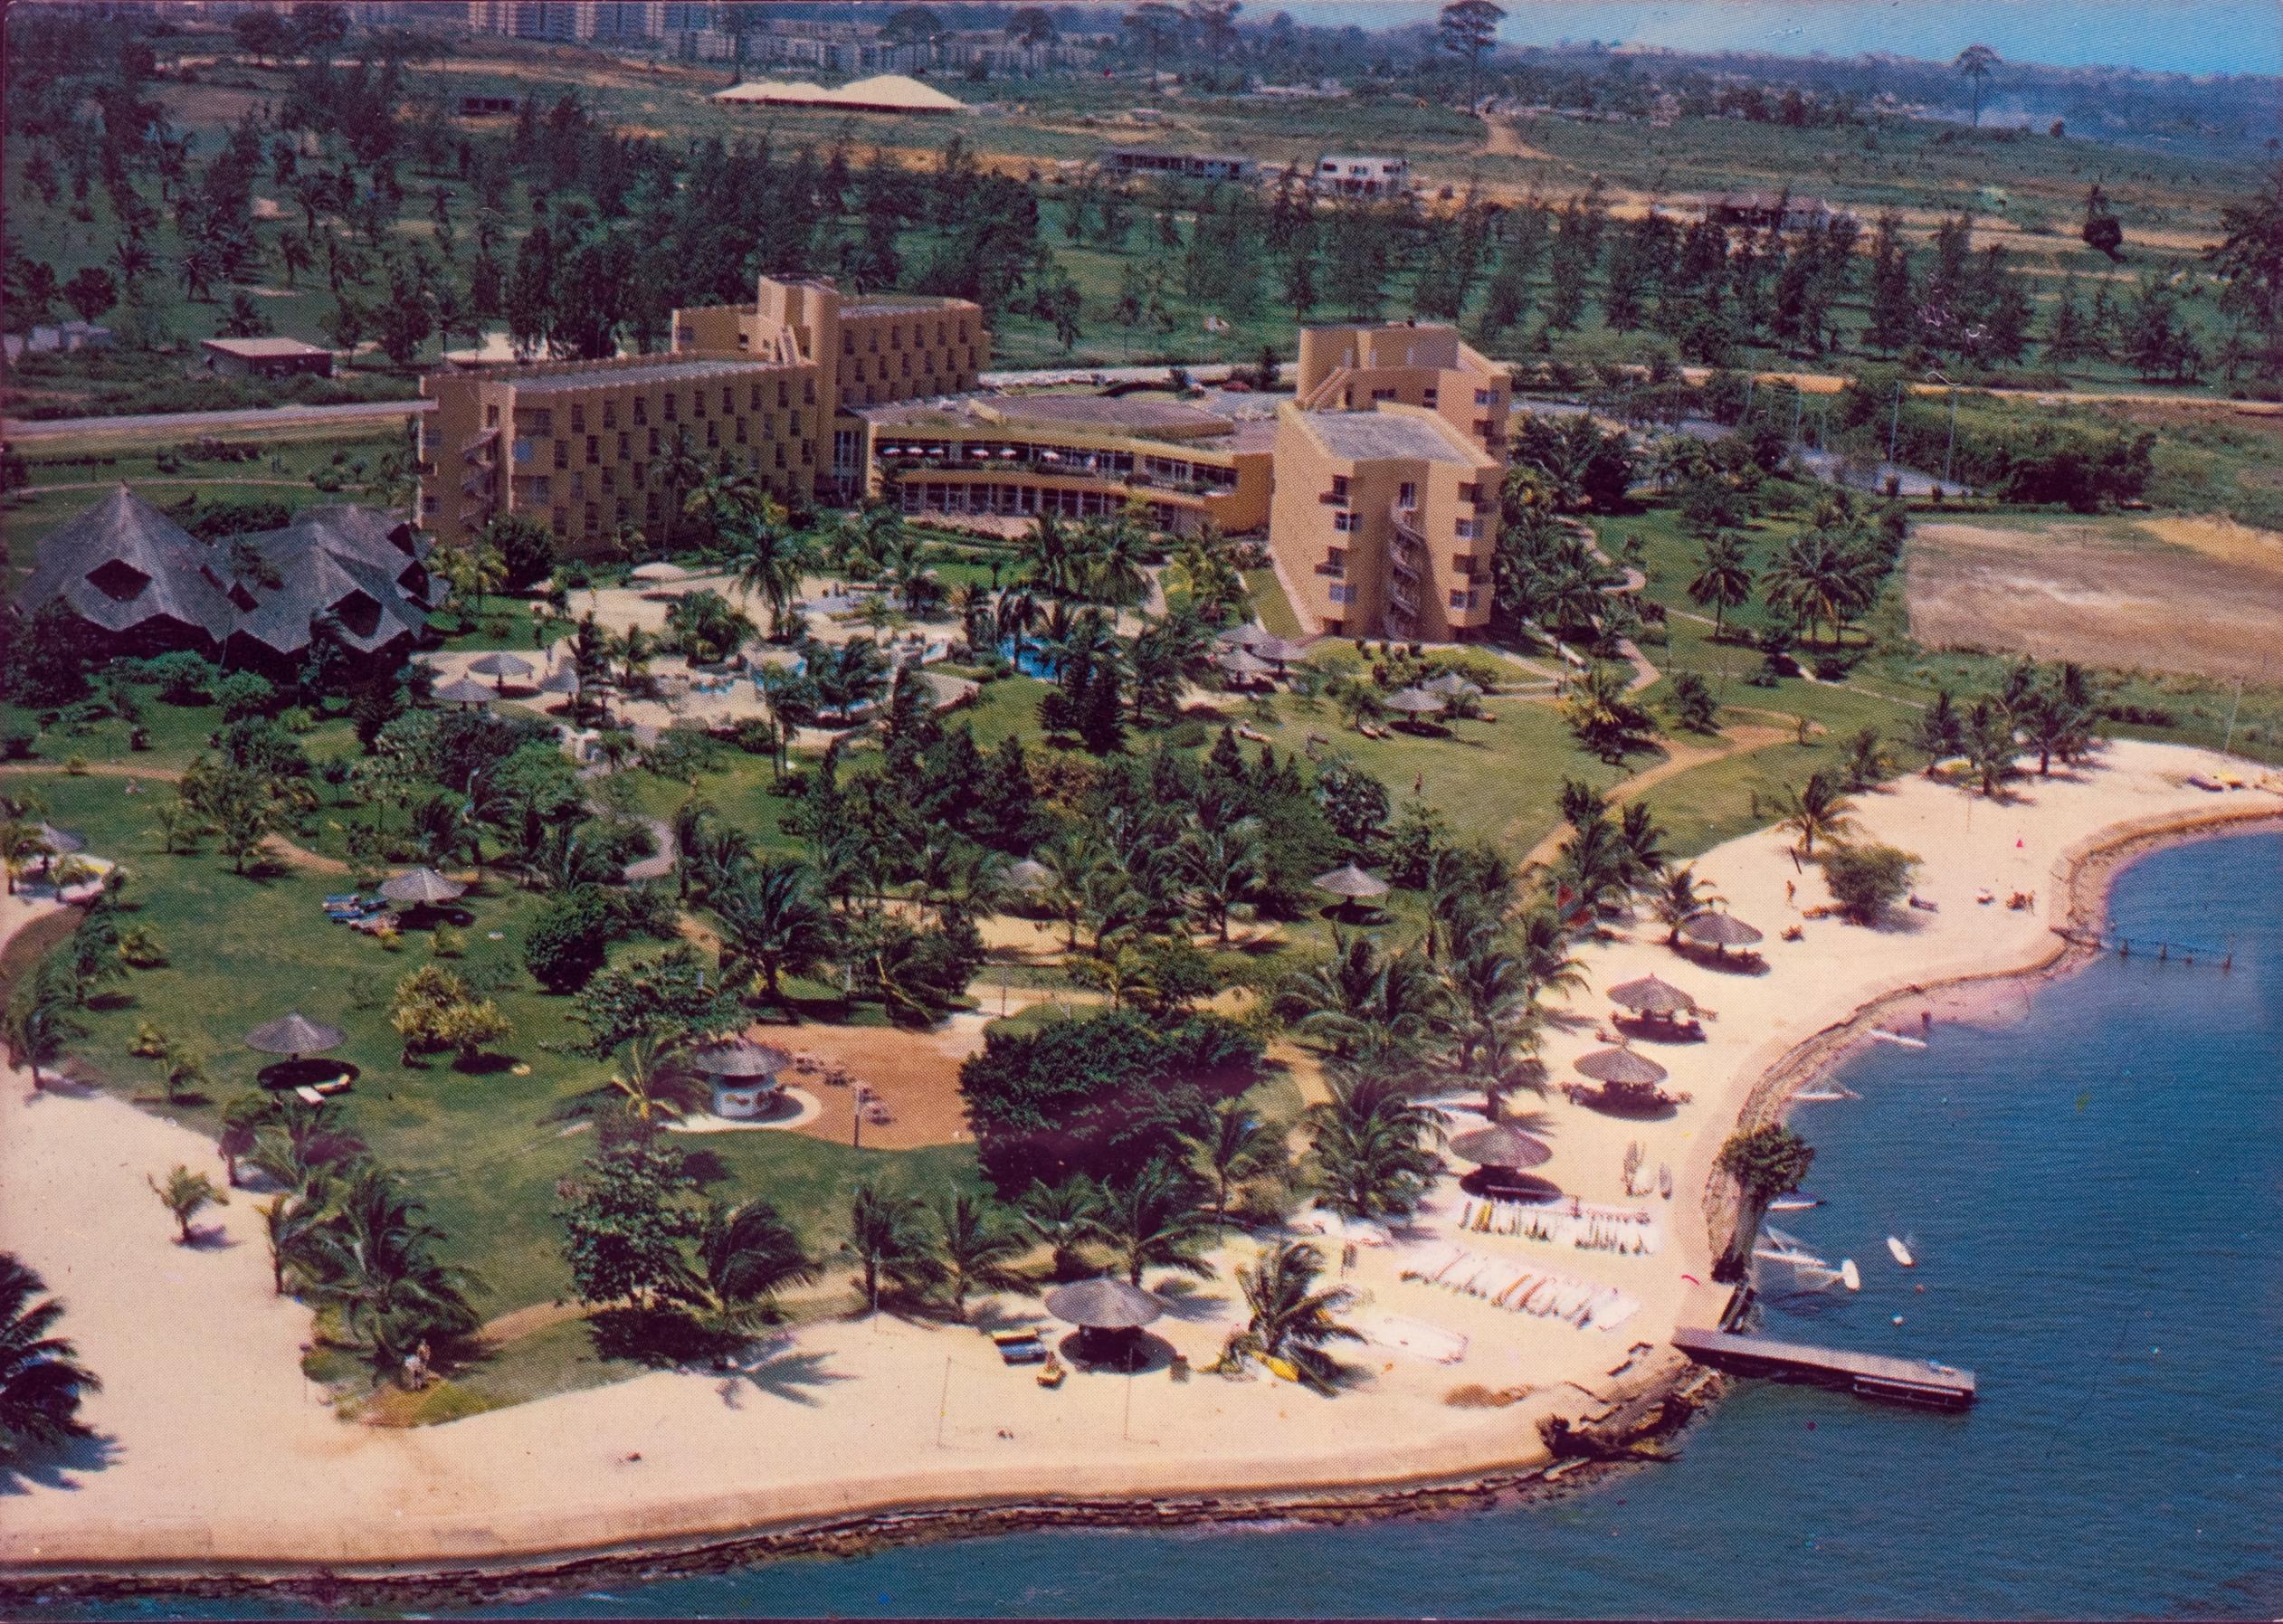 הרווירה האפריקאית- מלון גולף אבידג'אן על שפת הלגונה -LR